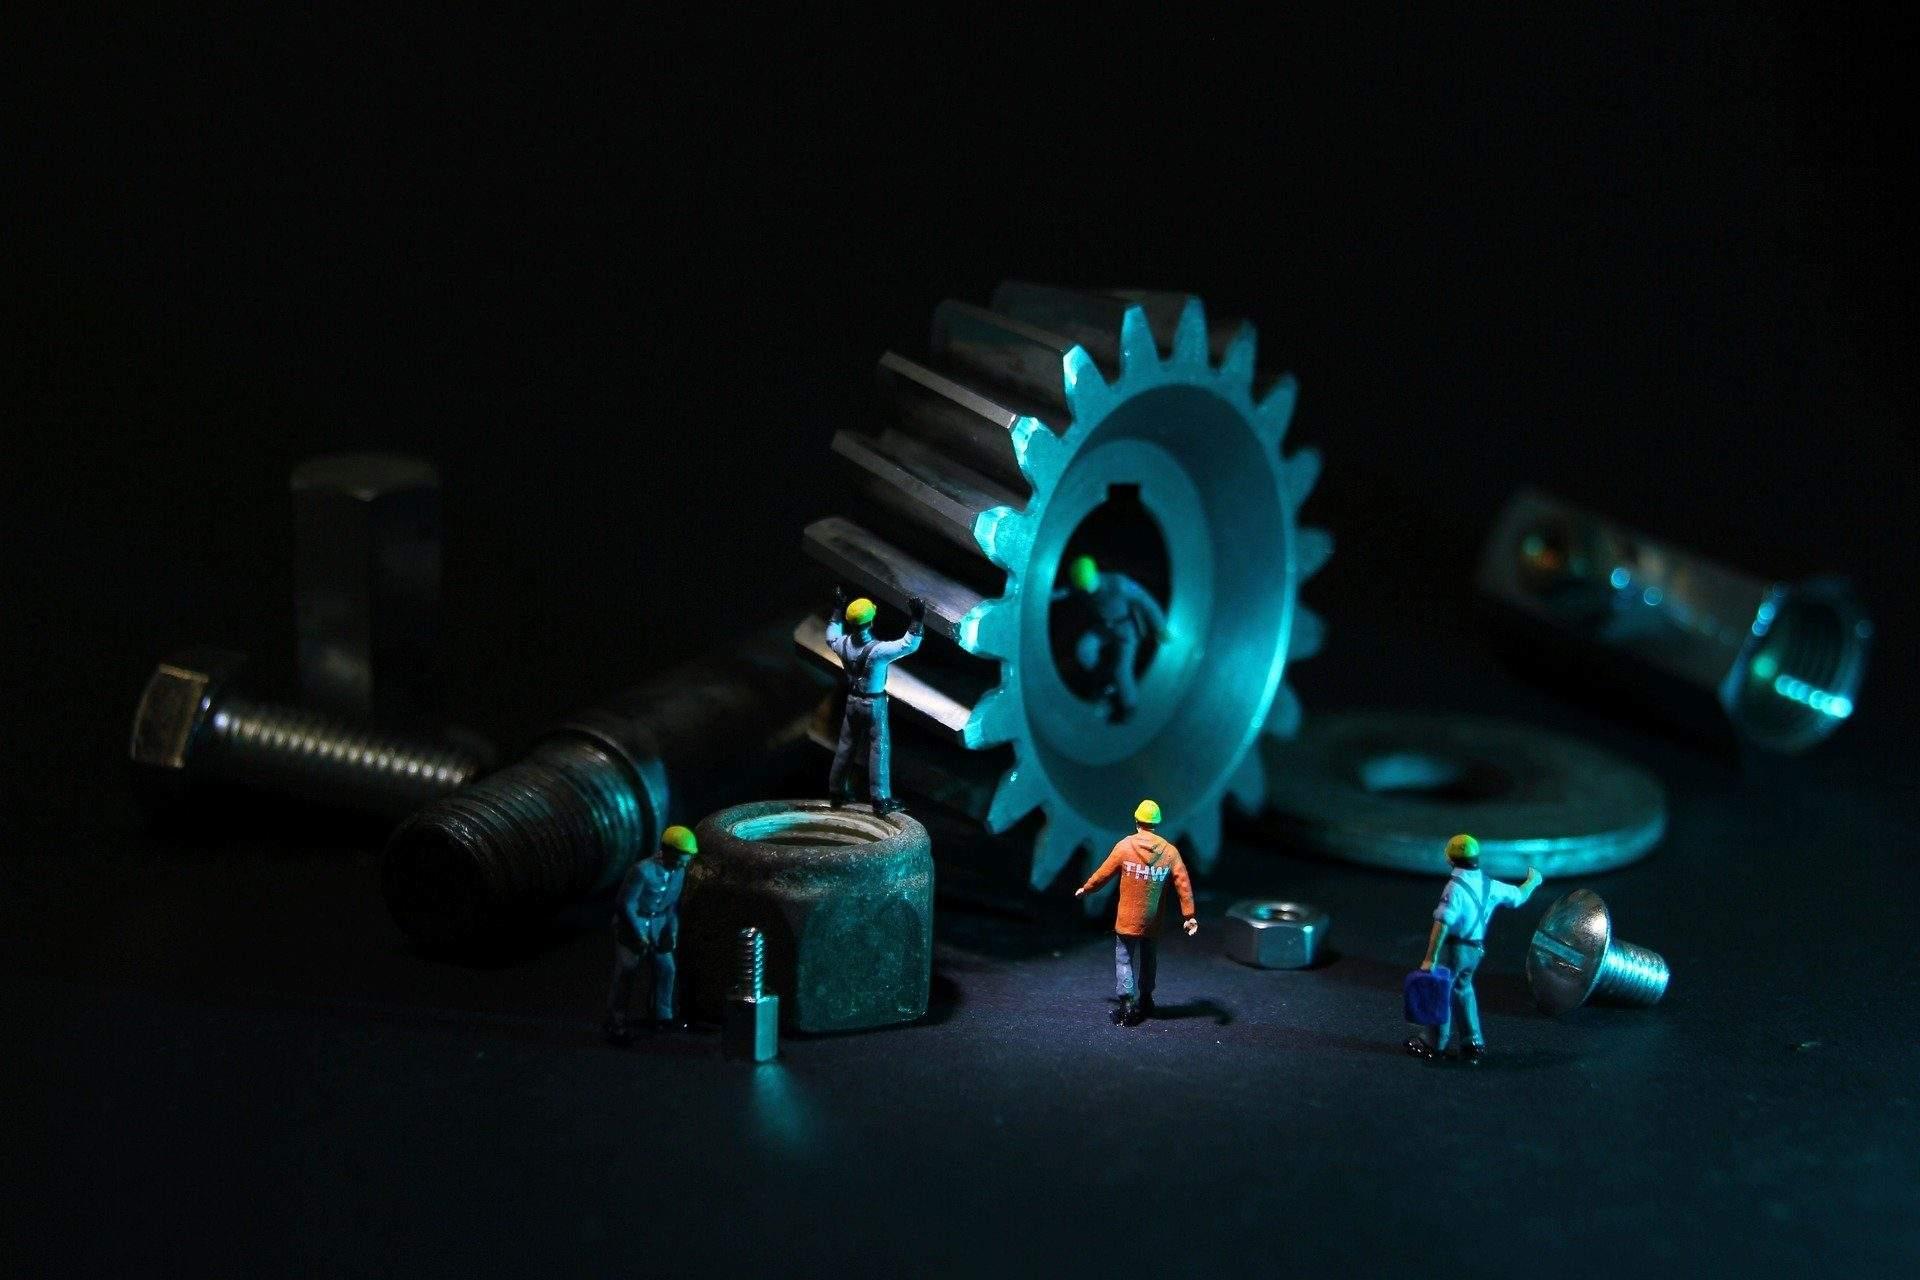 mechanical engineering 2993233 1920 - Instalación y puesta en servicio